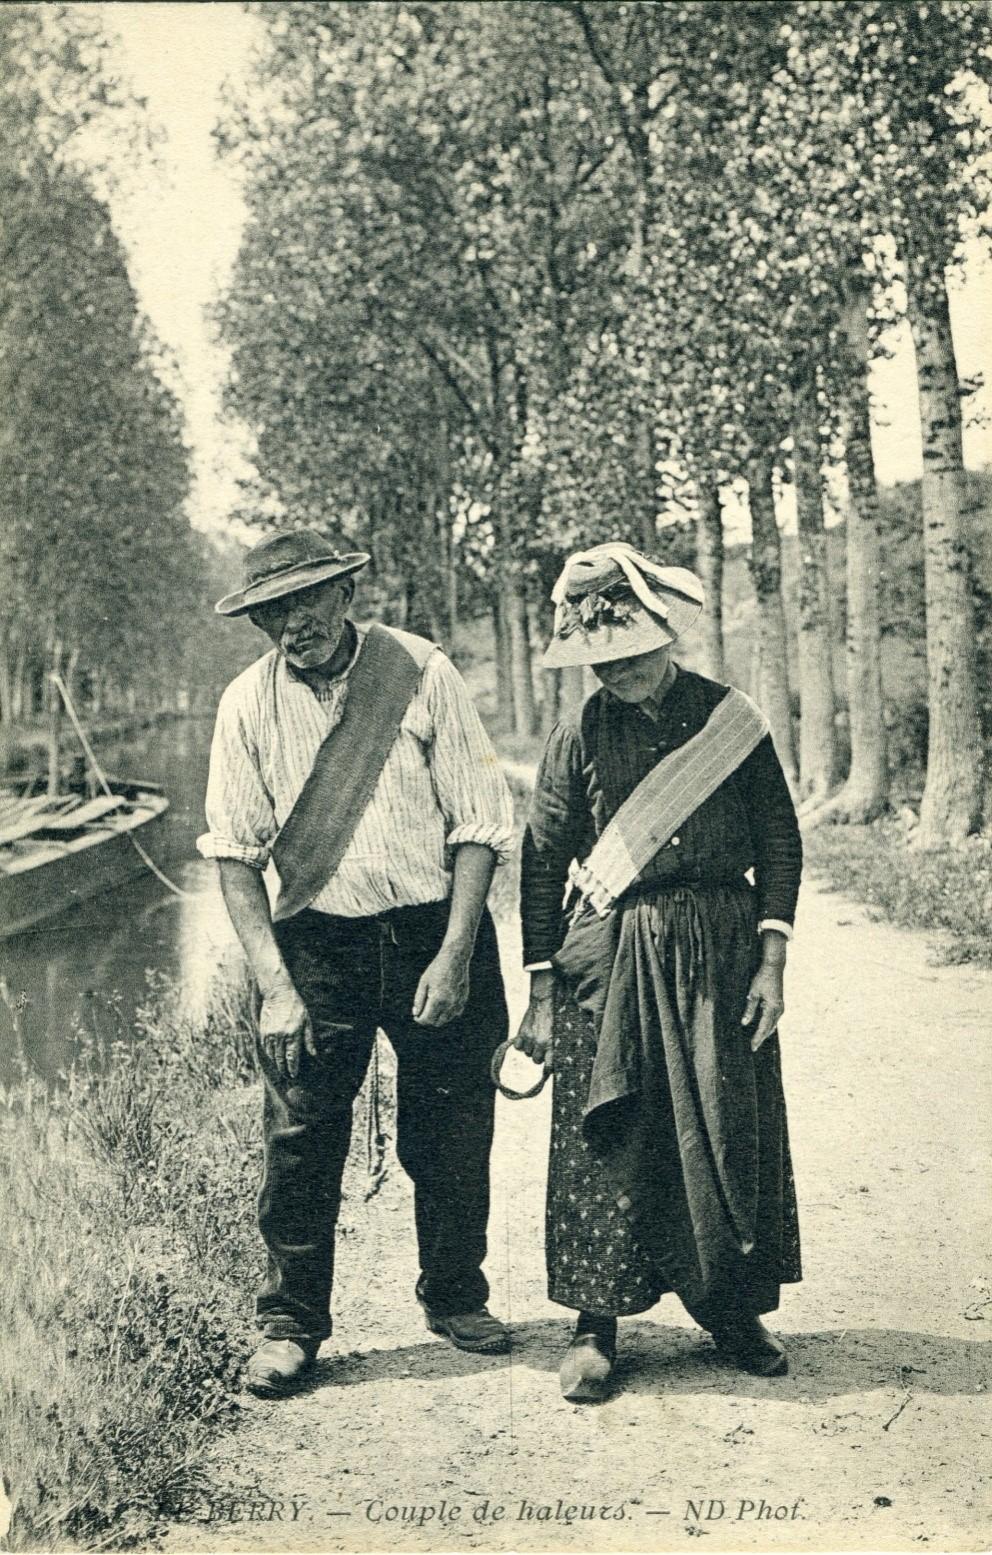 Canal du Berry - Couple de haleurs